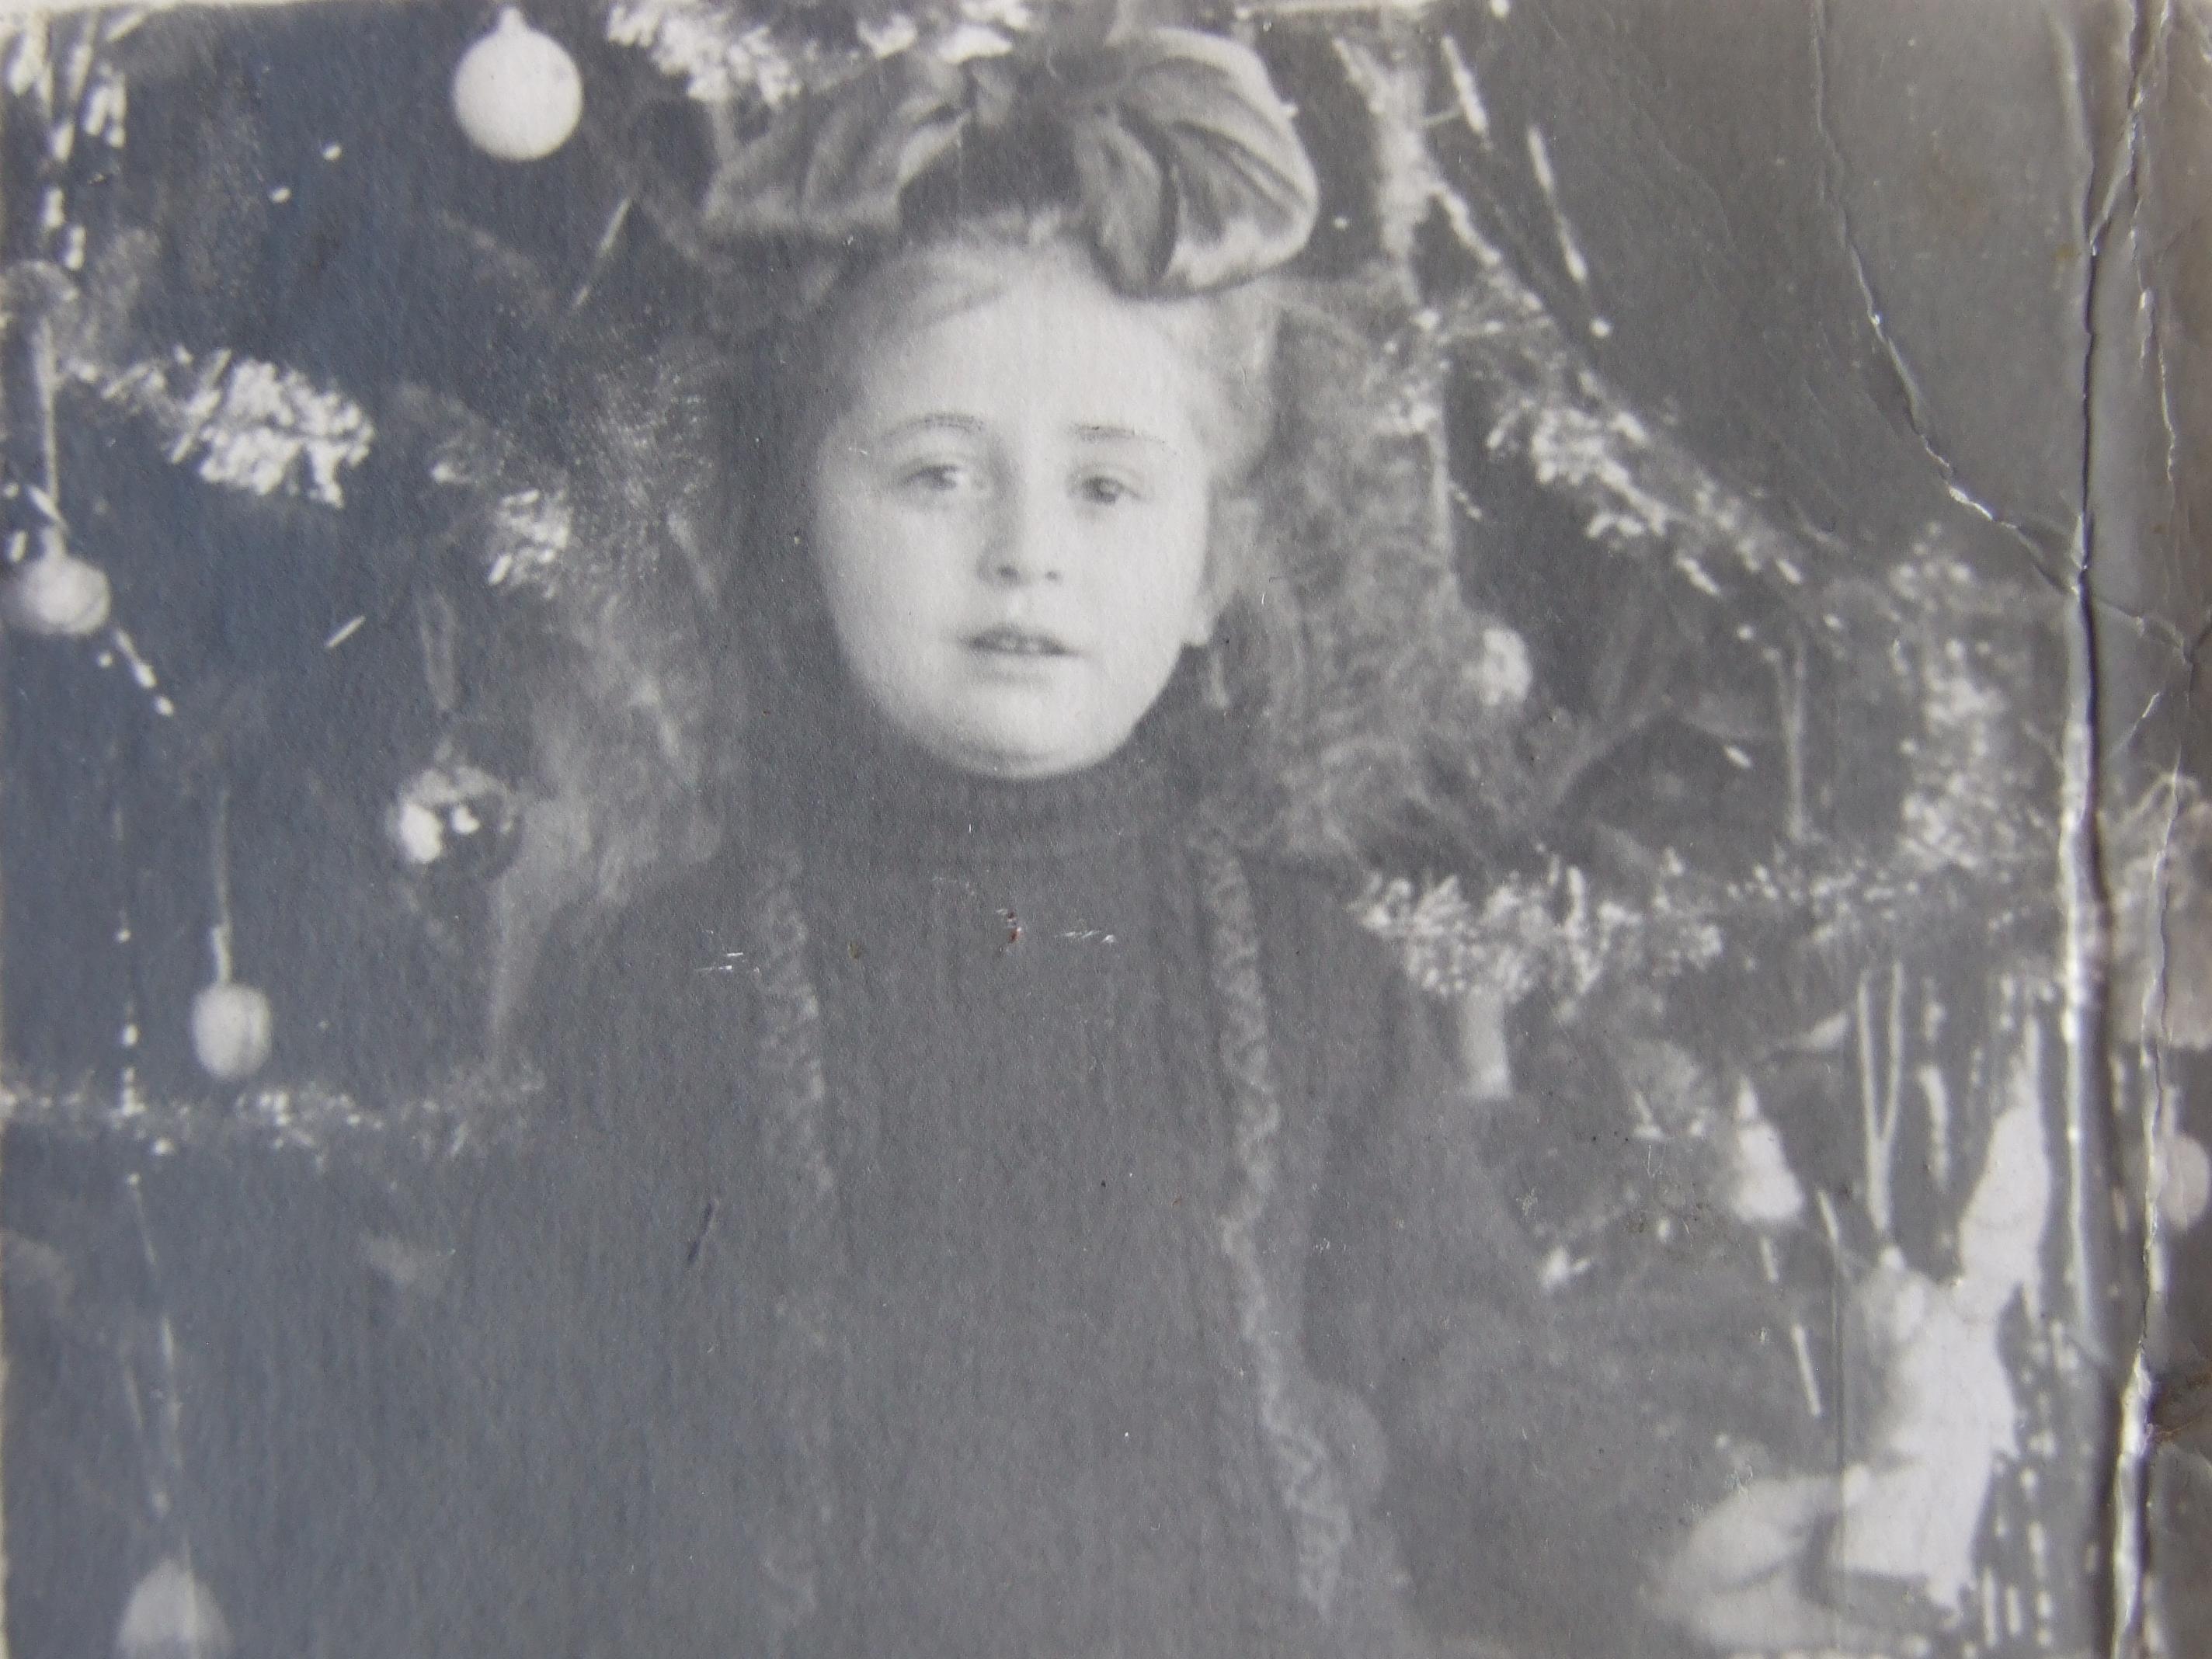 ילדה ליד יולקה בסוף שנות הארבעים באוקראינה